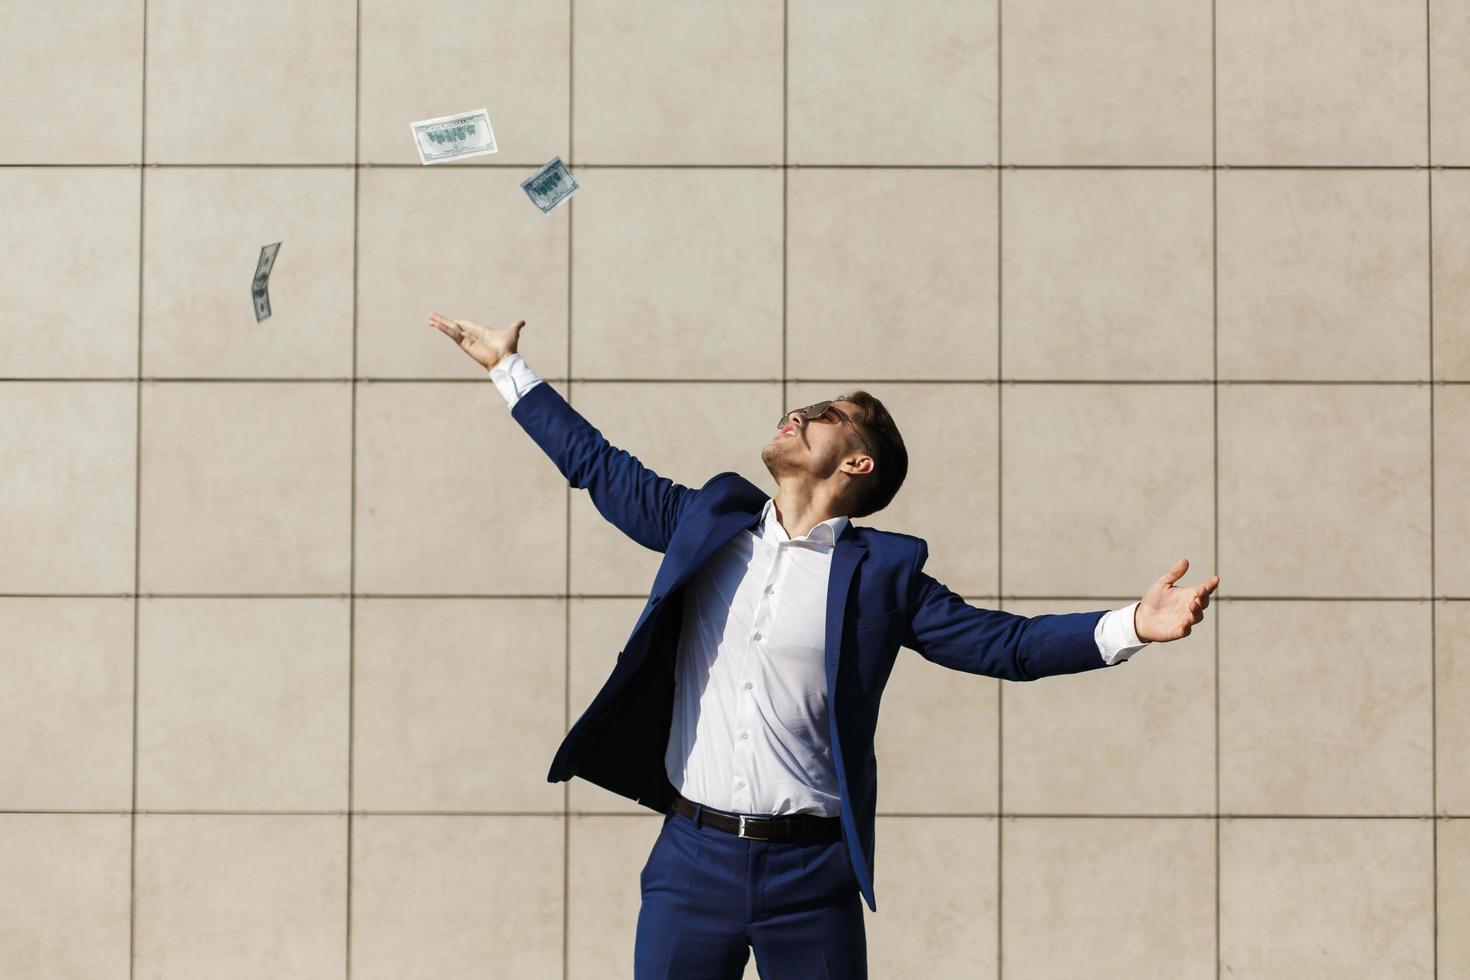 jonge zakenman gooit dollars rond en danst op straat foto